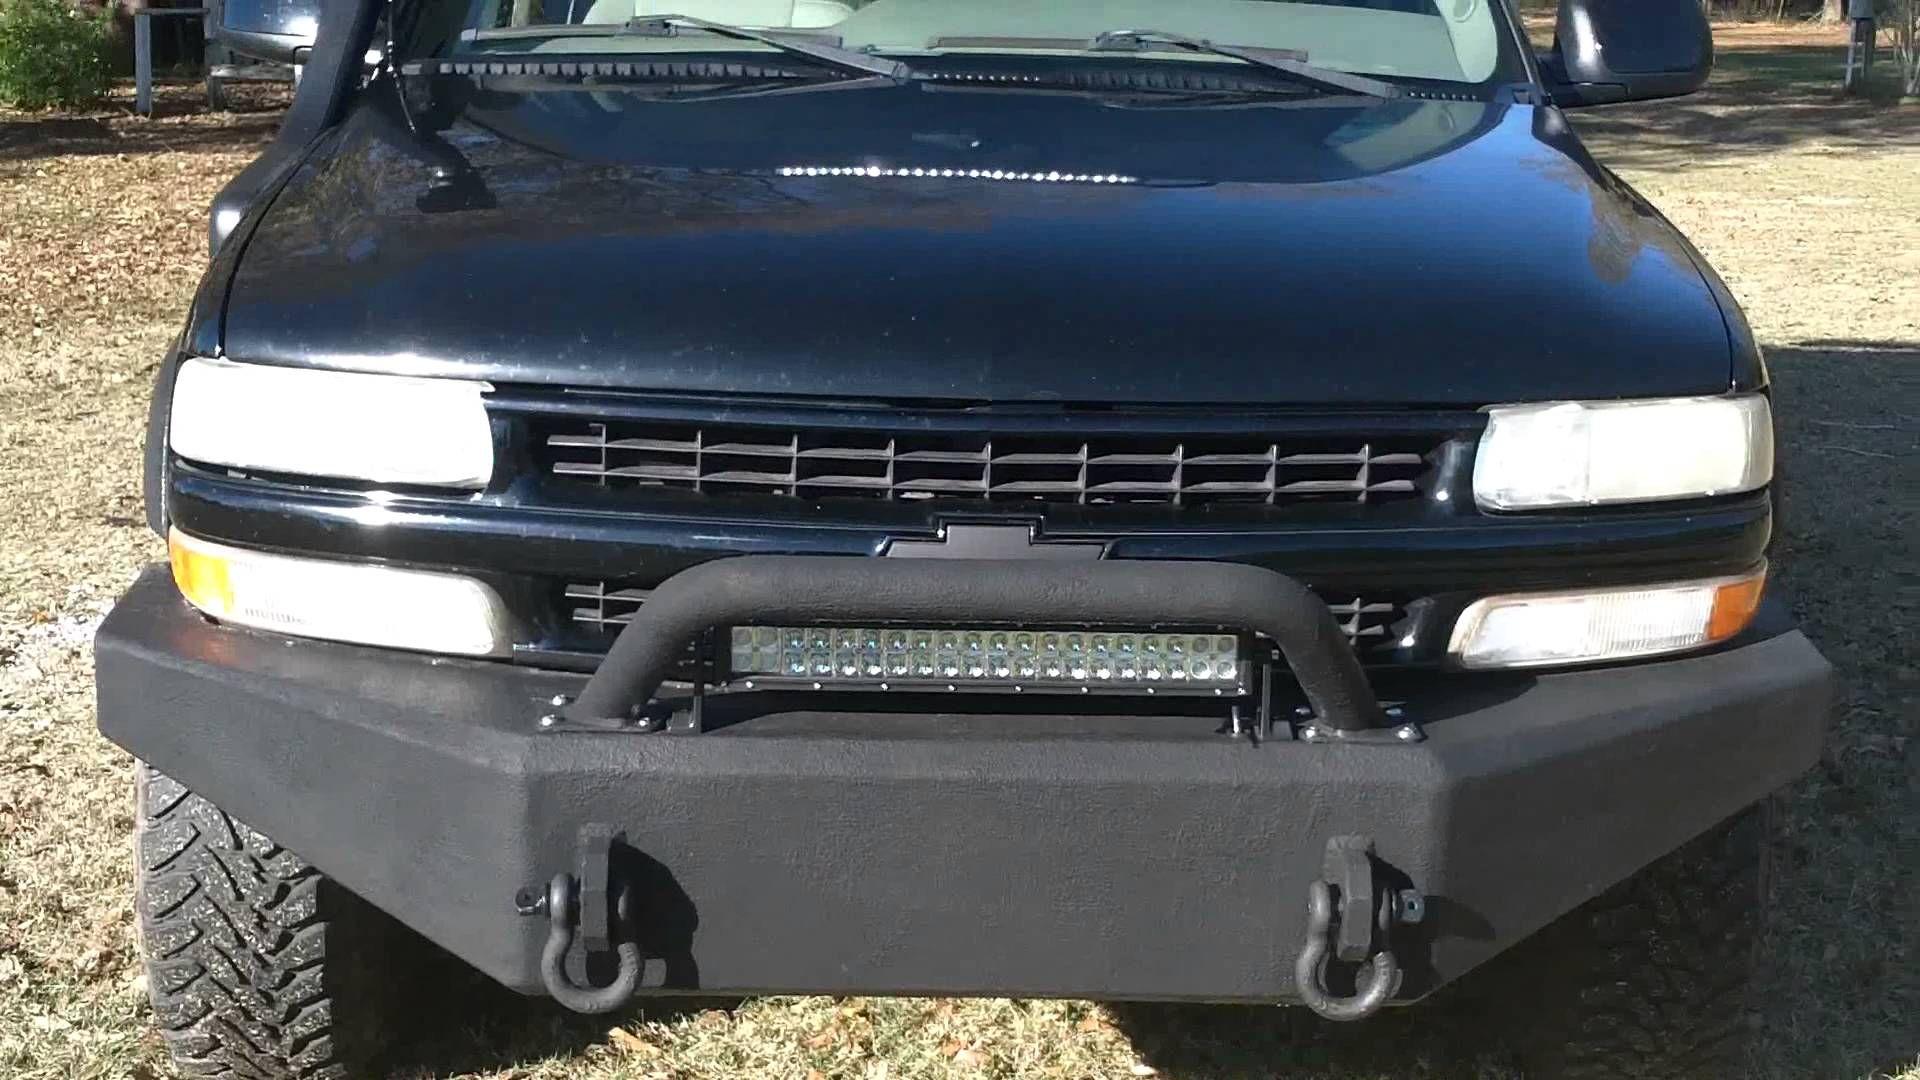 2003 chevy tahoe z71 custom bumpers rock sliders roof rack